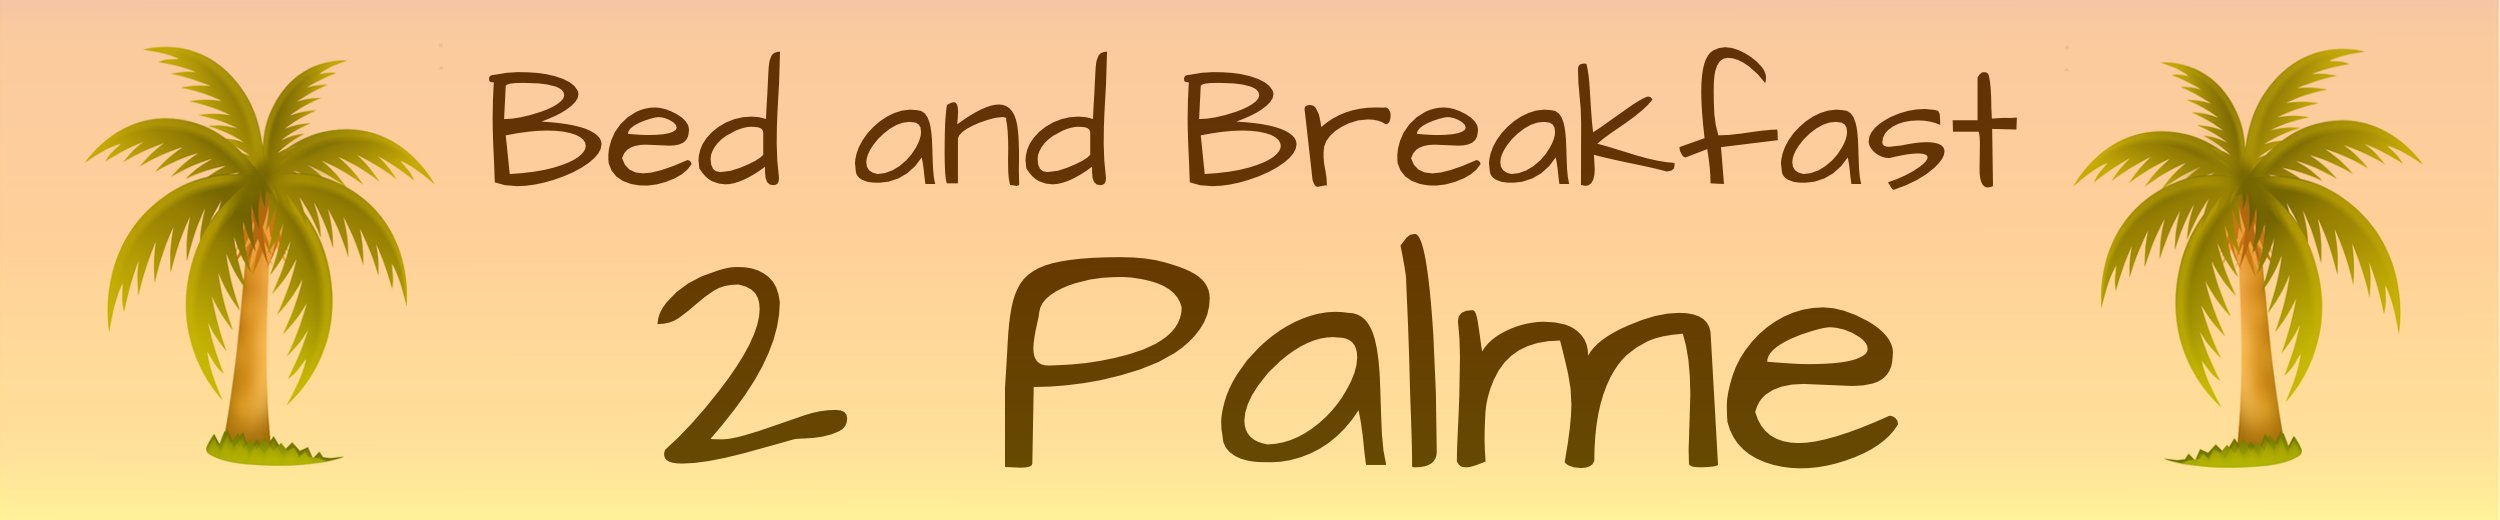 B&B 2 Palme